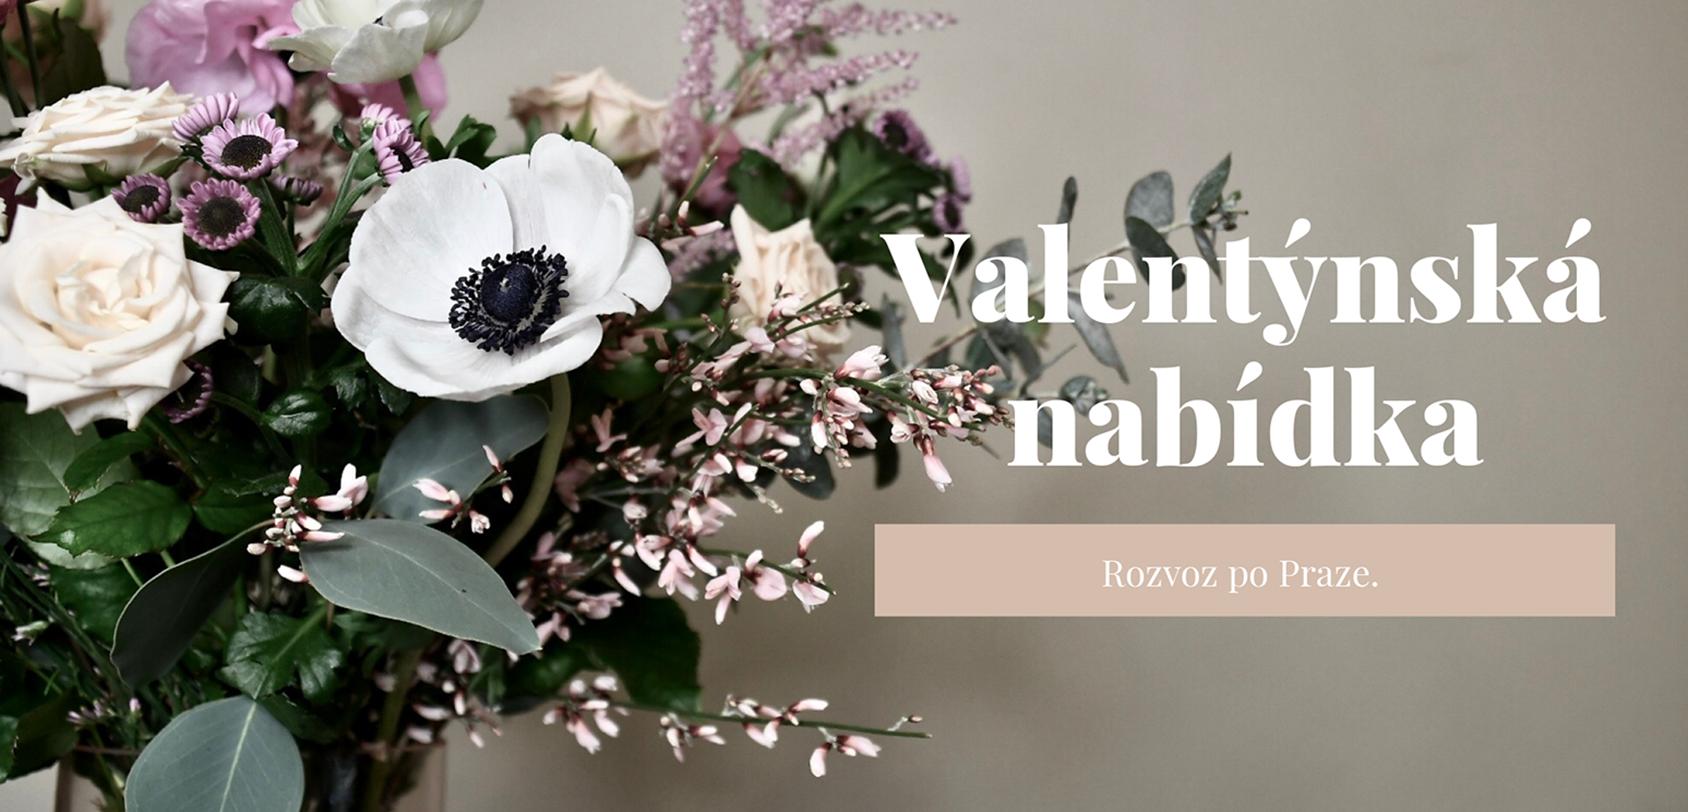 Valentýnská nabídka